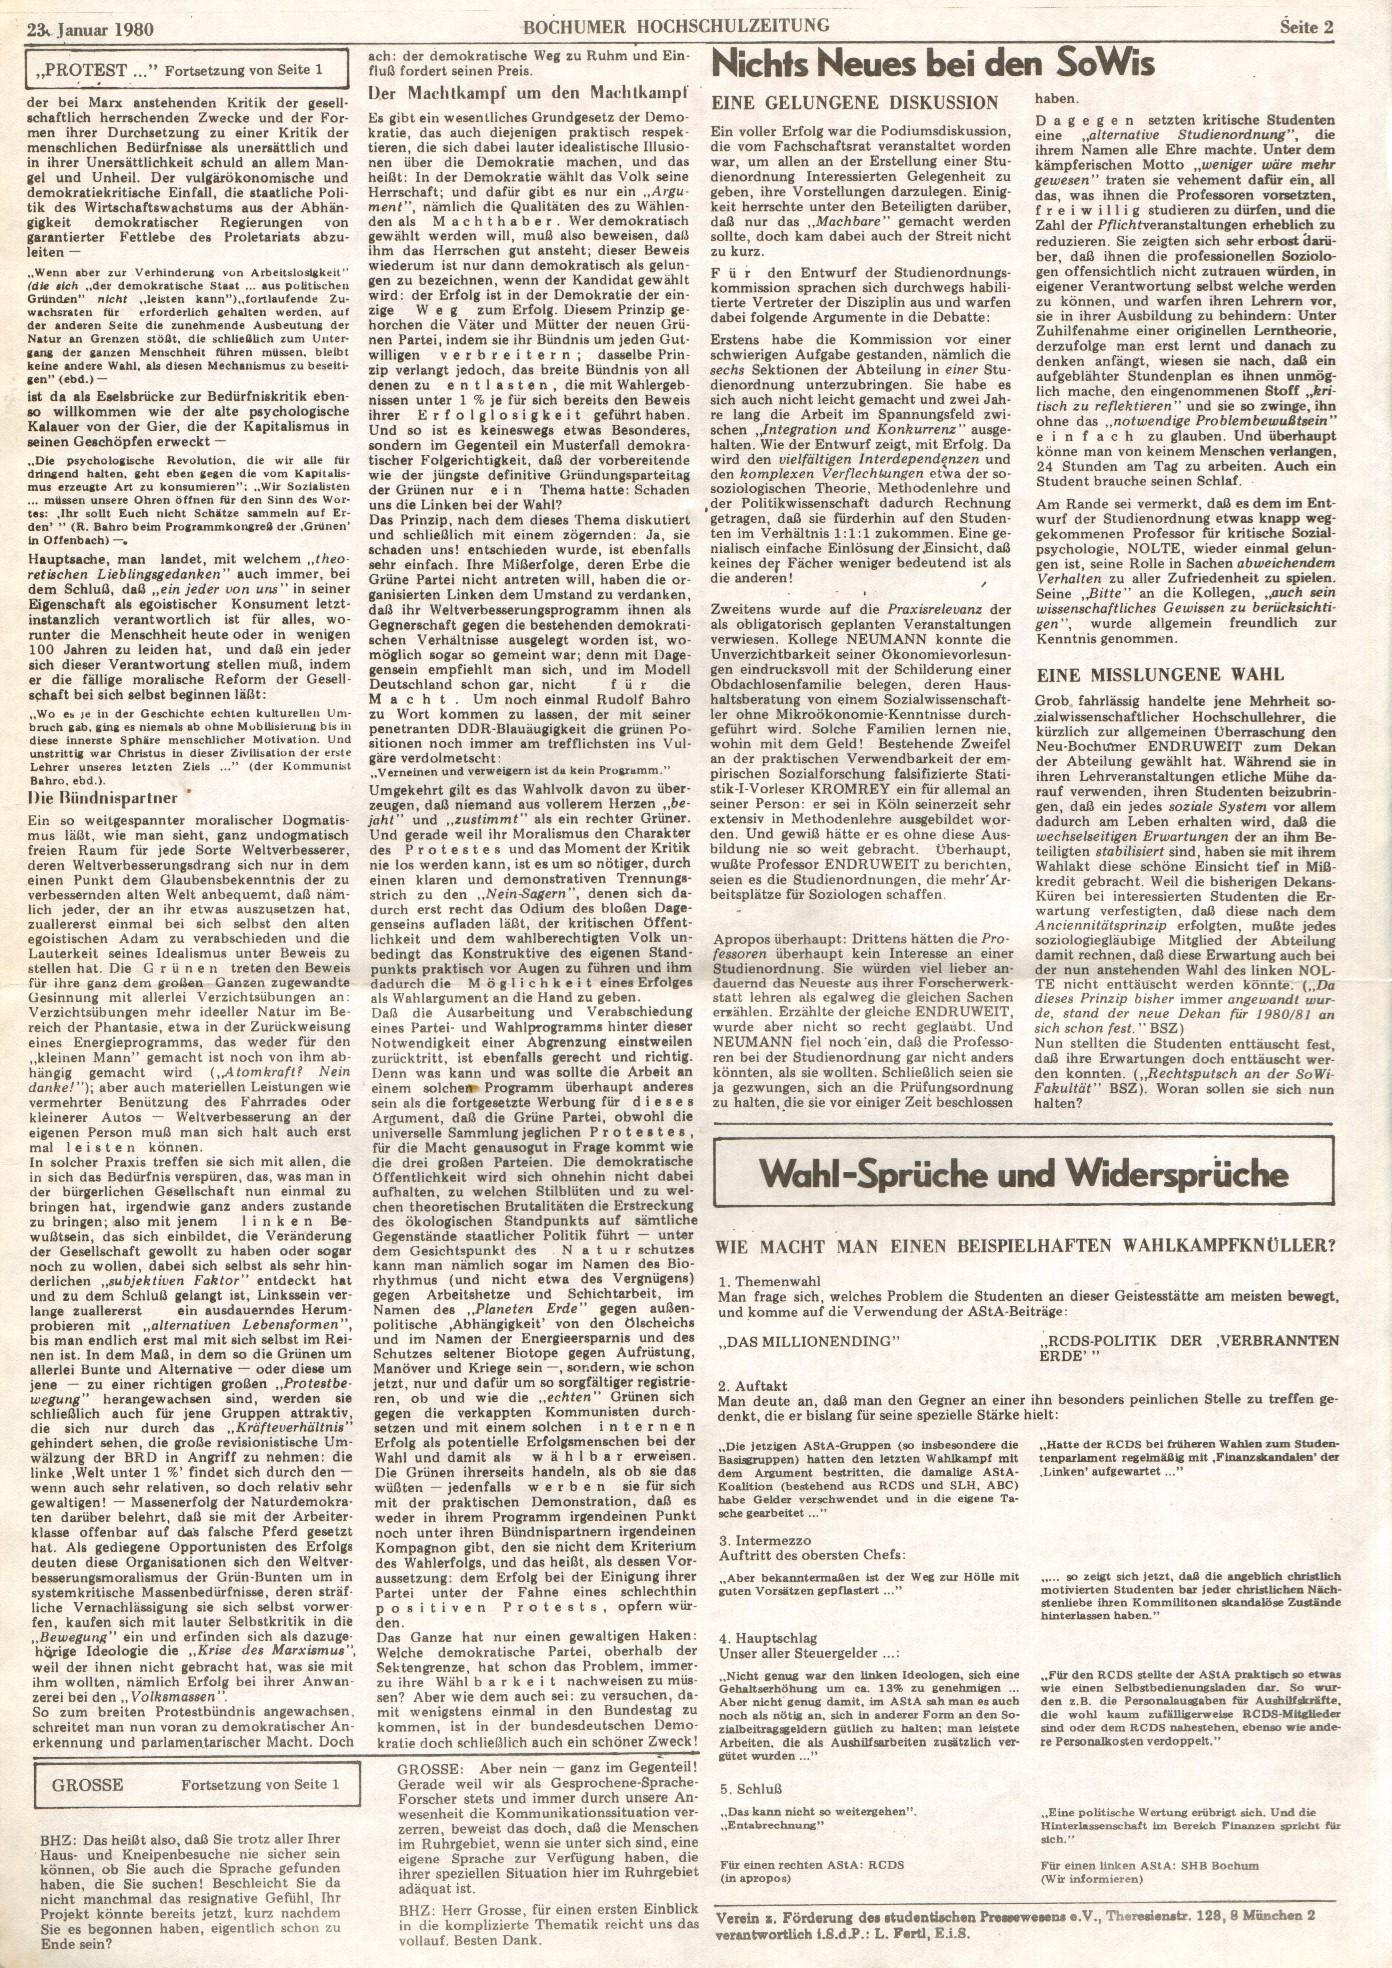 MG_Bochumer_Hochschulzeitung_19800123_02